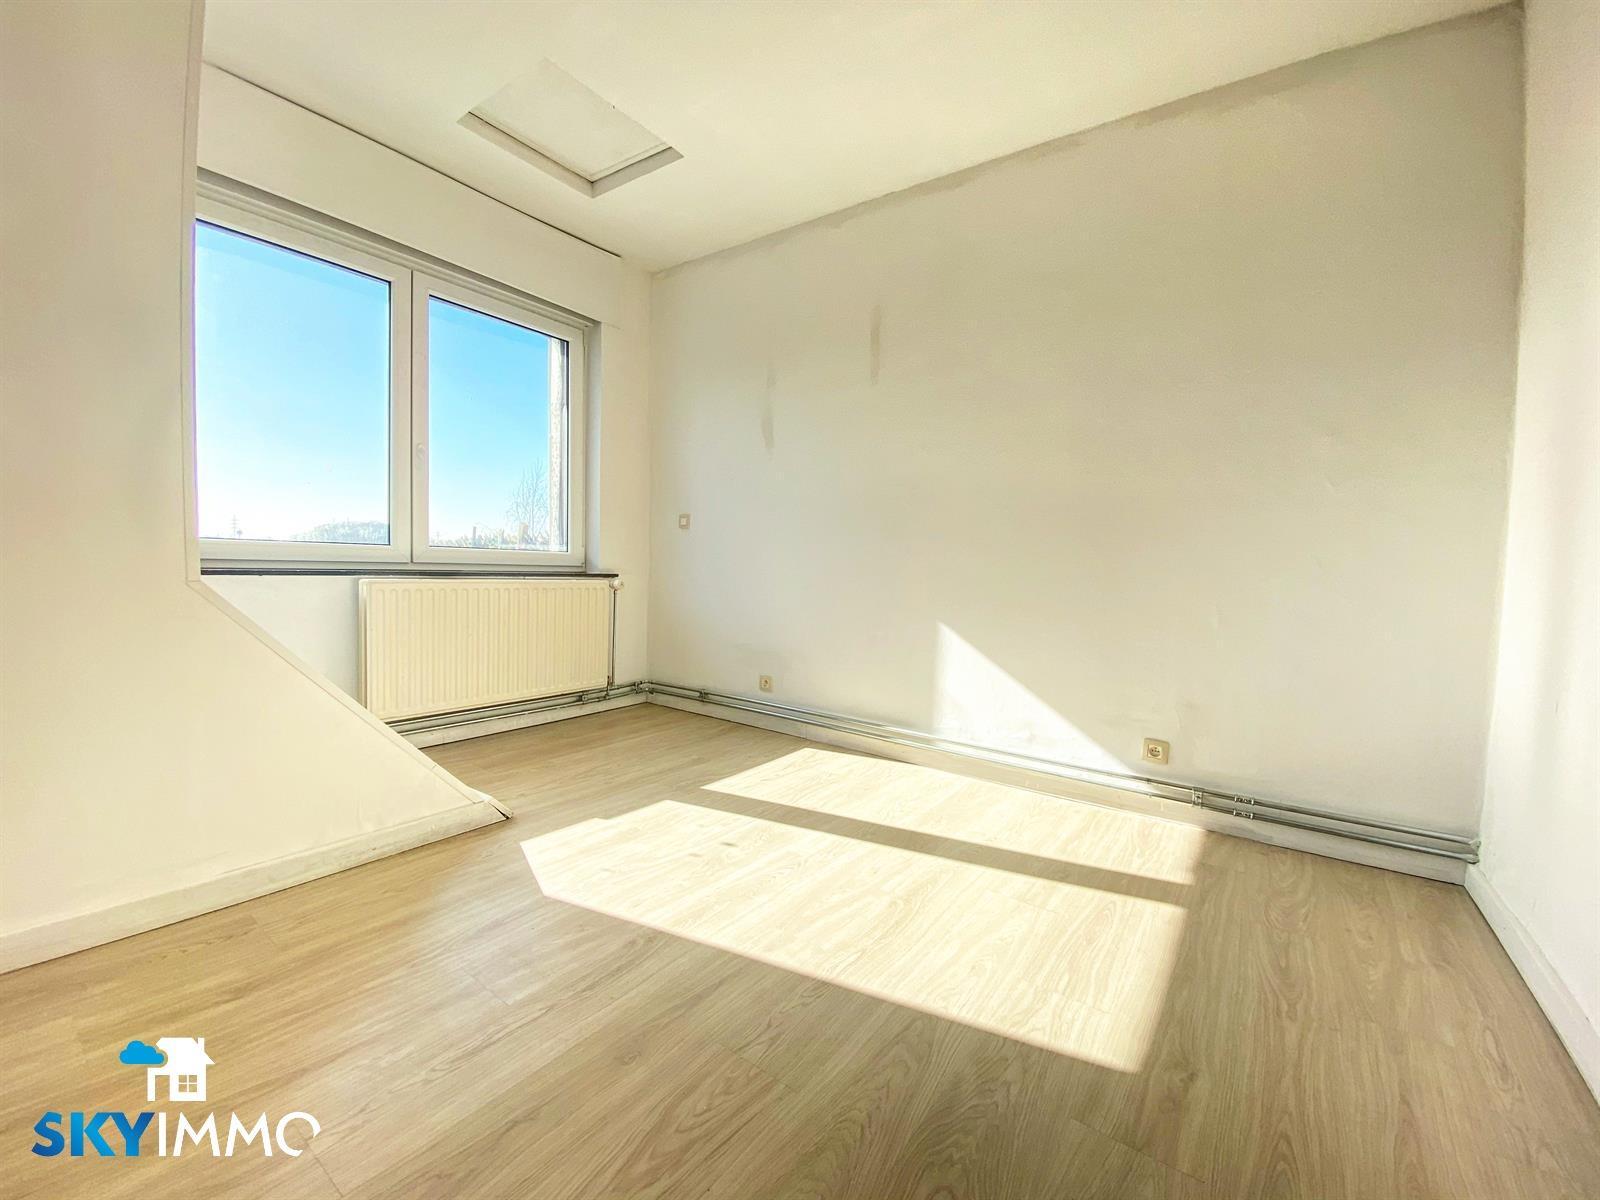 Bel-étage - Flemalle - #4295119-11